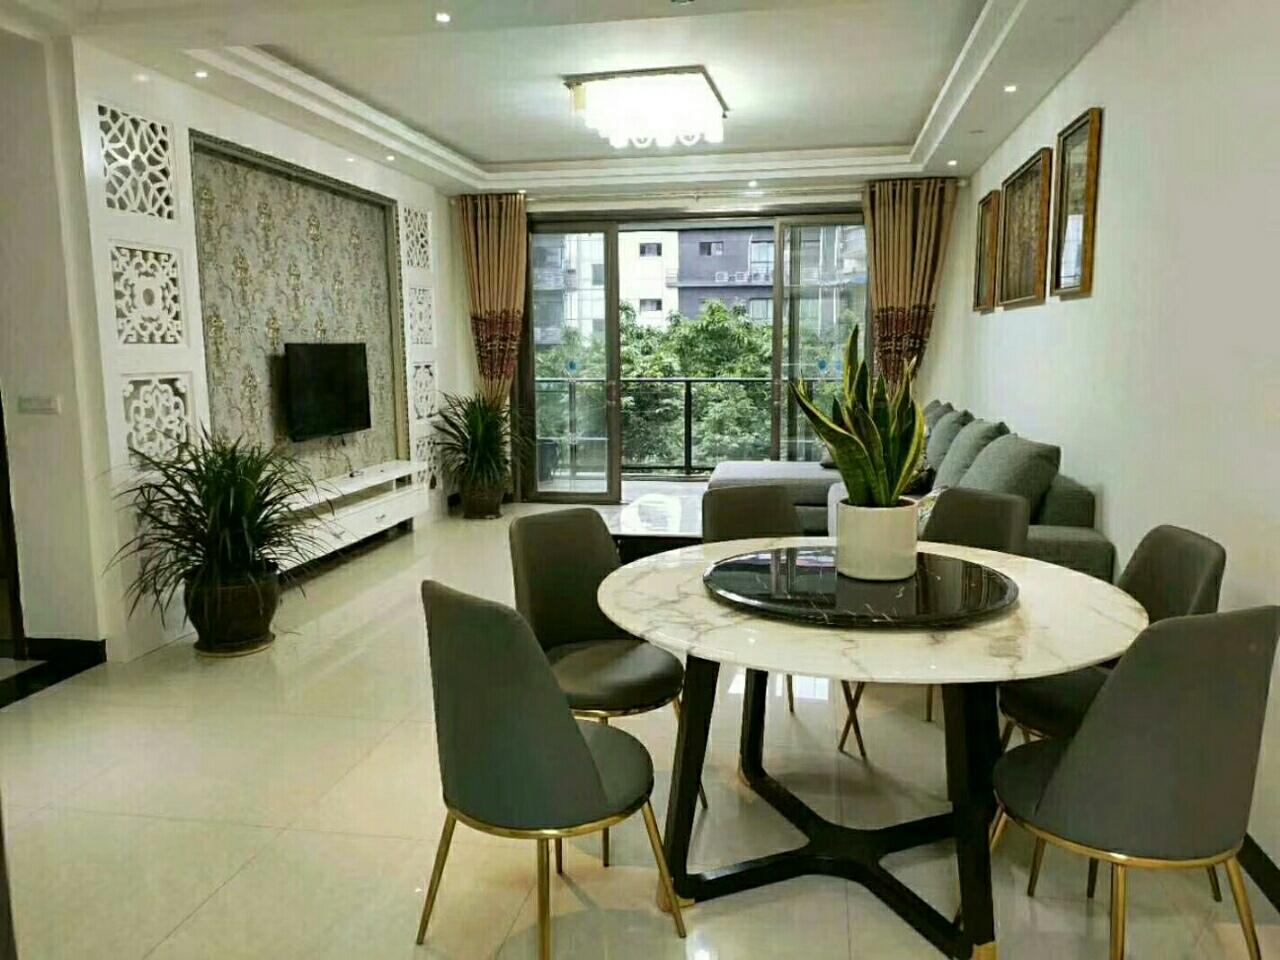 恒利国际新城4室 2厅 2卫78万元